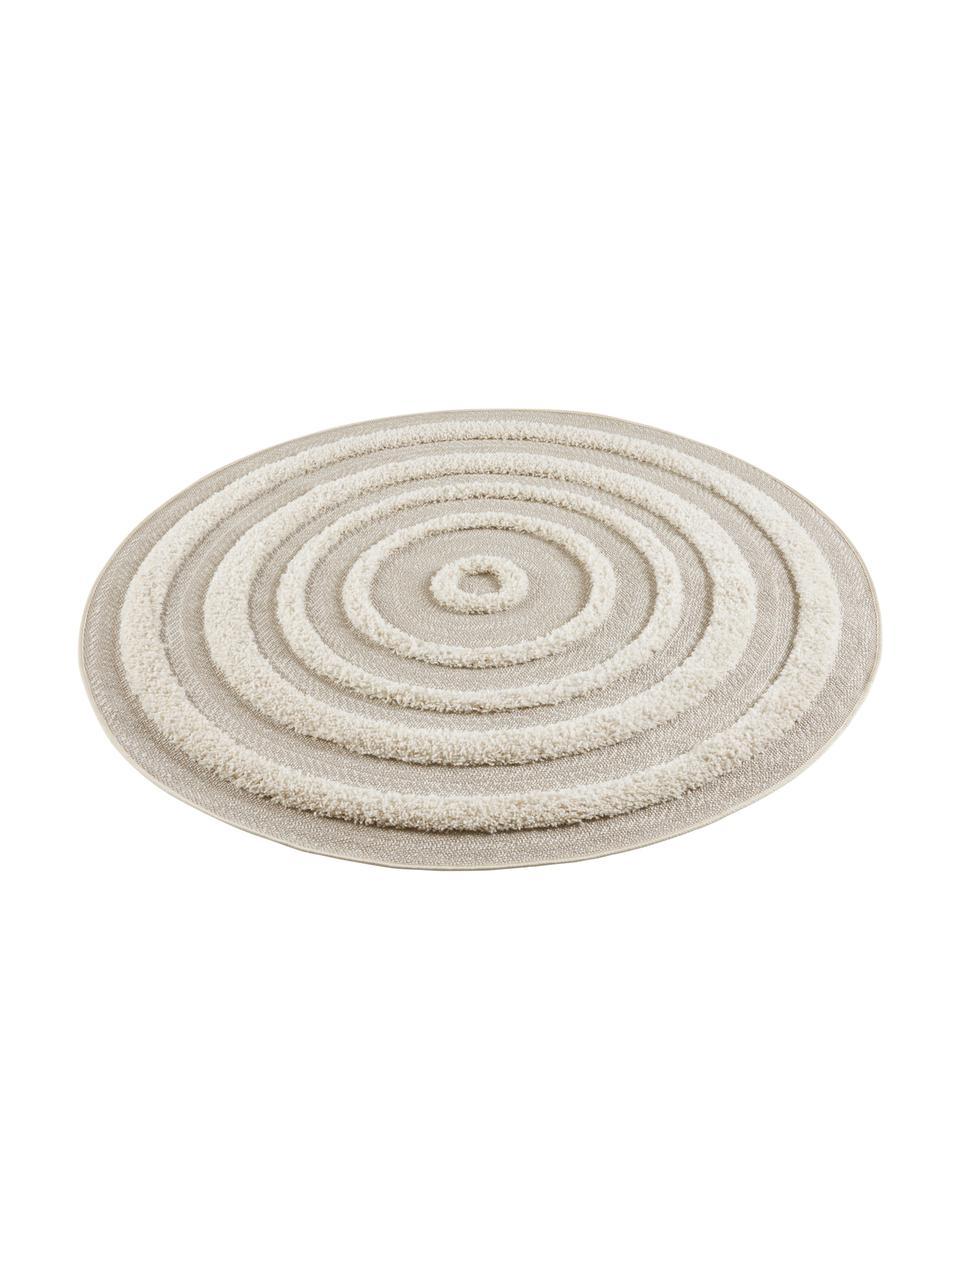 Okrągły dywan wewnętrzny/zewnętrzny z wypukłą strukturą Nador, 100% polipropylen, Beżowy, odcienie kremowego, Ø 160 cm (Rozmiar L)